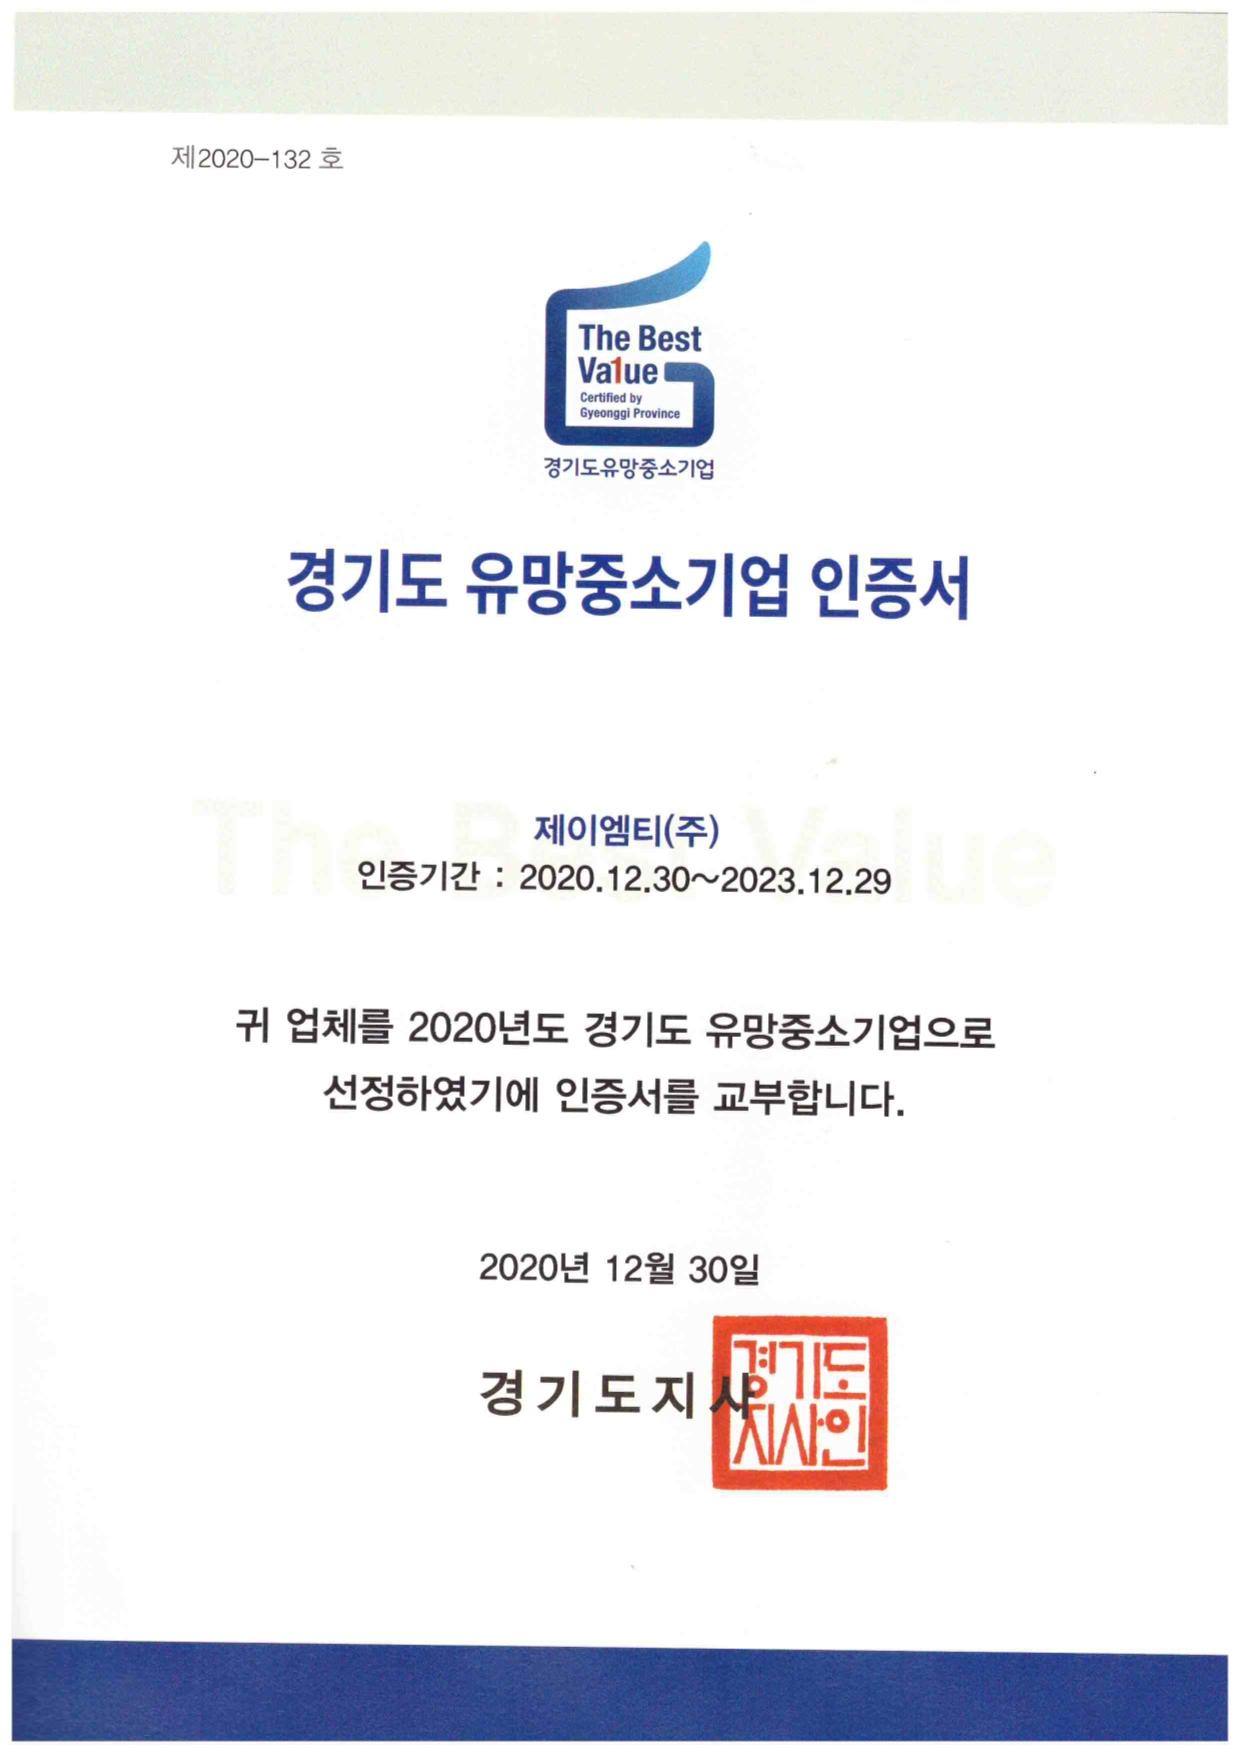 경기도유망중소기업인증서20-23_국문